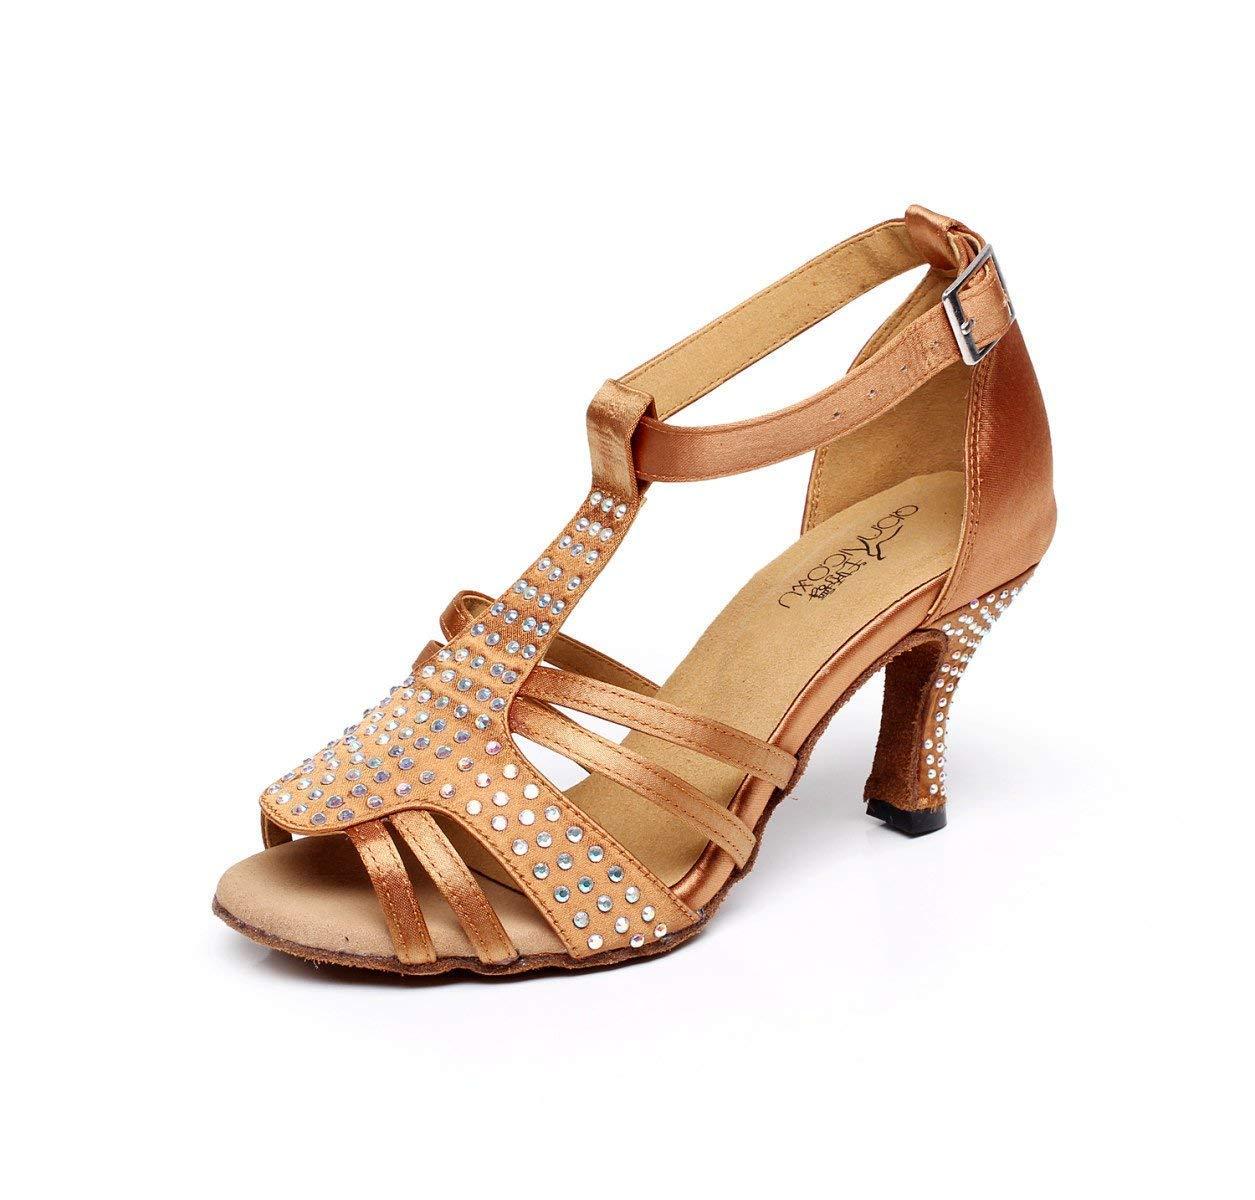 Frauen Kristalle Sparking Satin Latin Salsa Tanzschuhe Tango Chacha Samba Modern Jazz Schuhe Sandalen High Heels Braun-Absatz 10cm-UK3.5   EU34   Our35